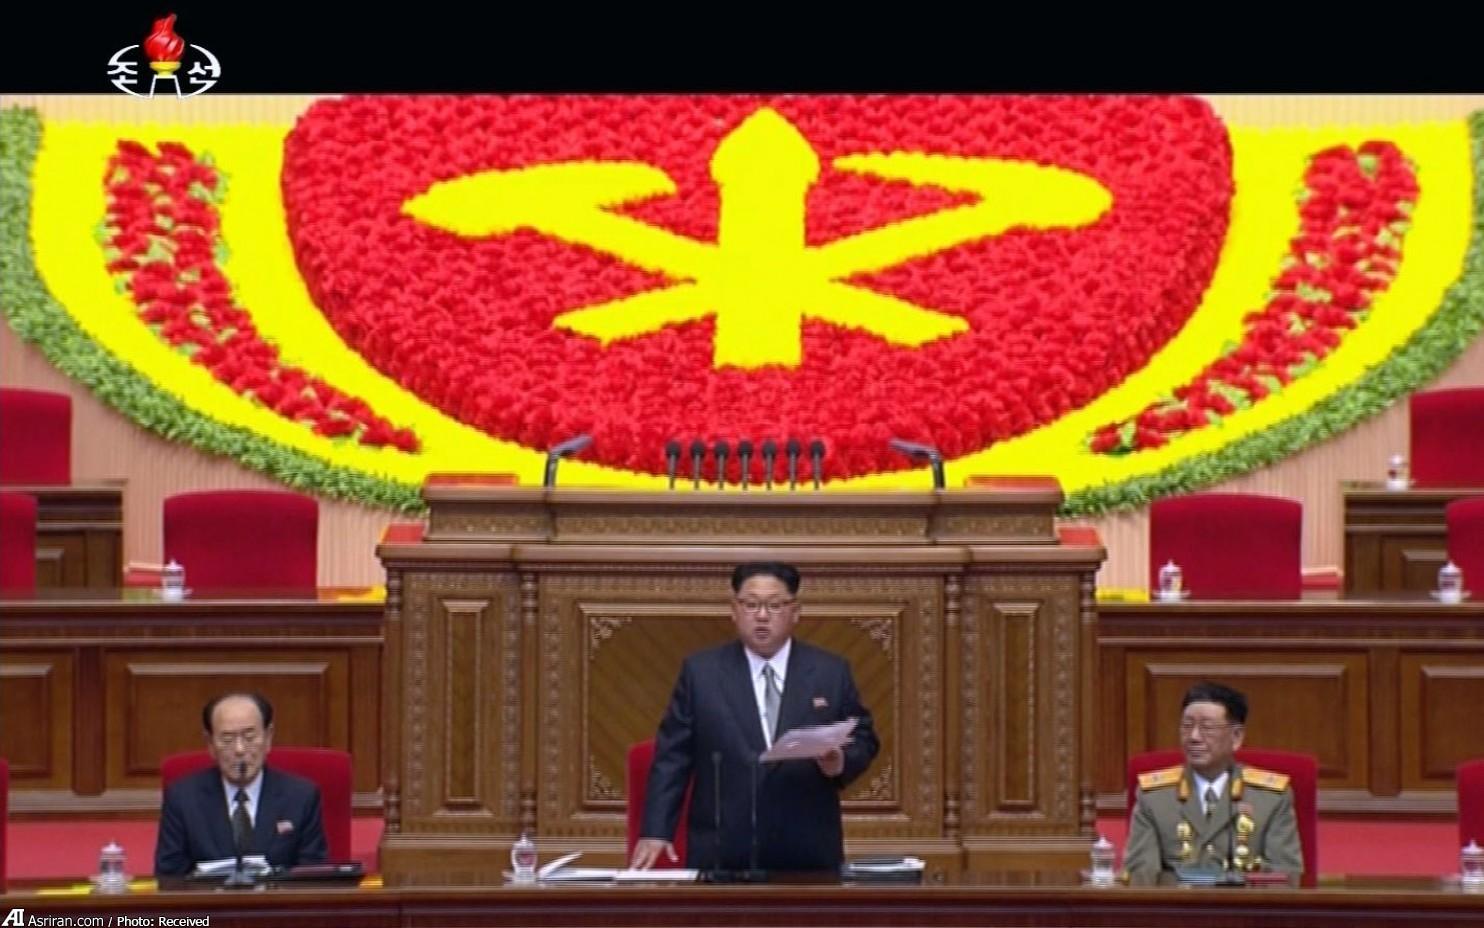 شکل و شمایل رهبر کره در کنگره سراسری حزب حاکم (+عکس)